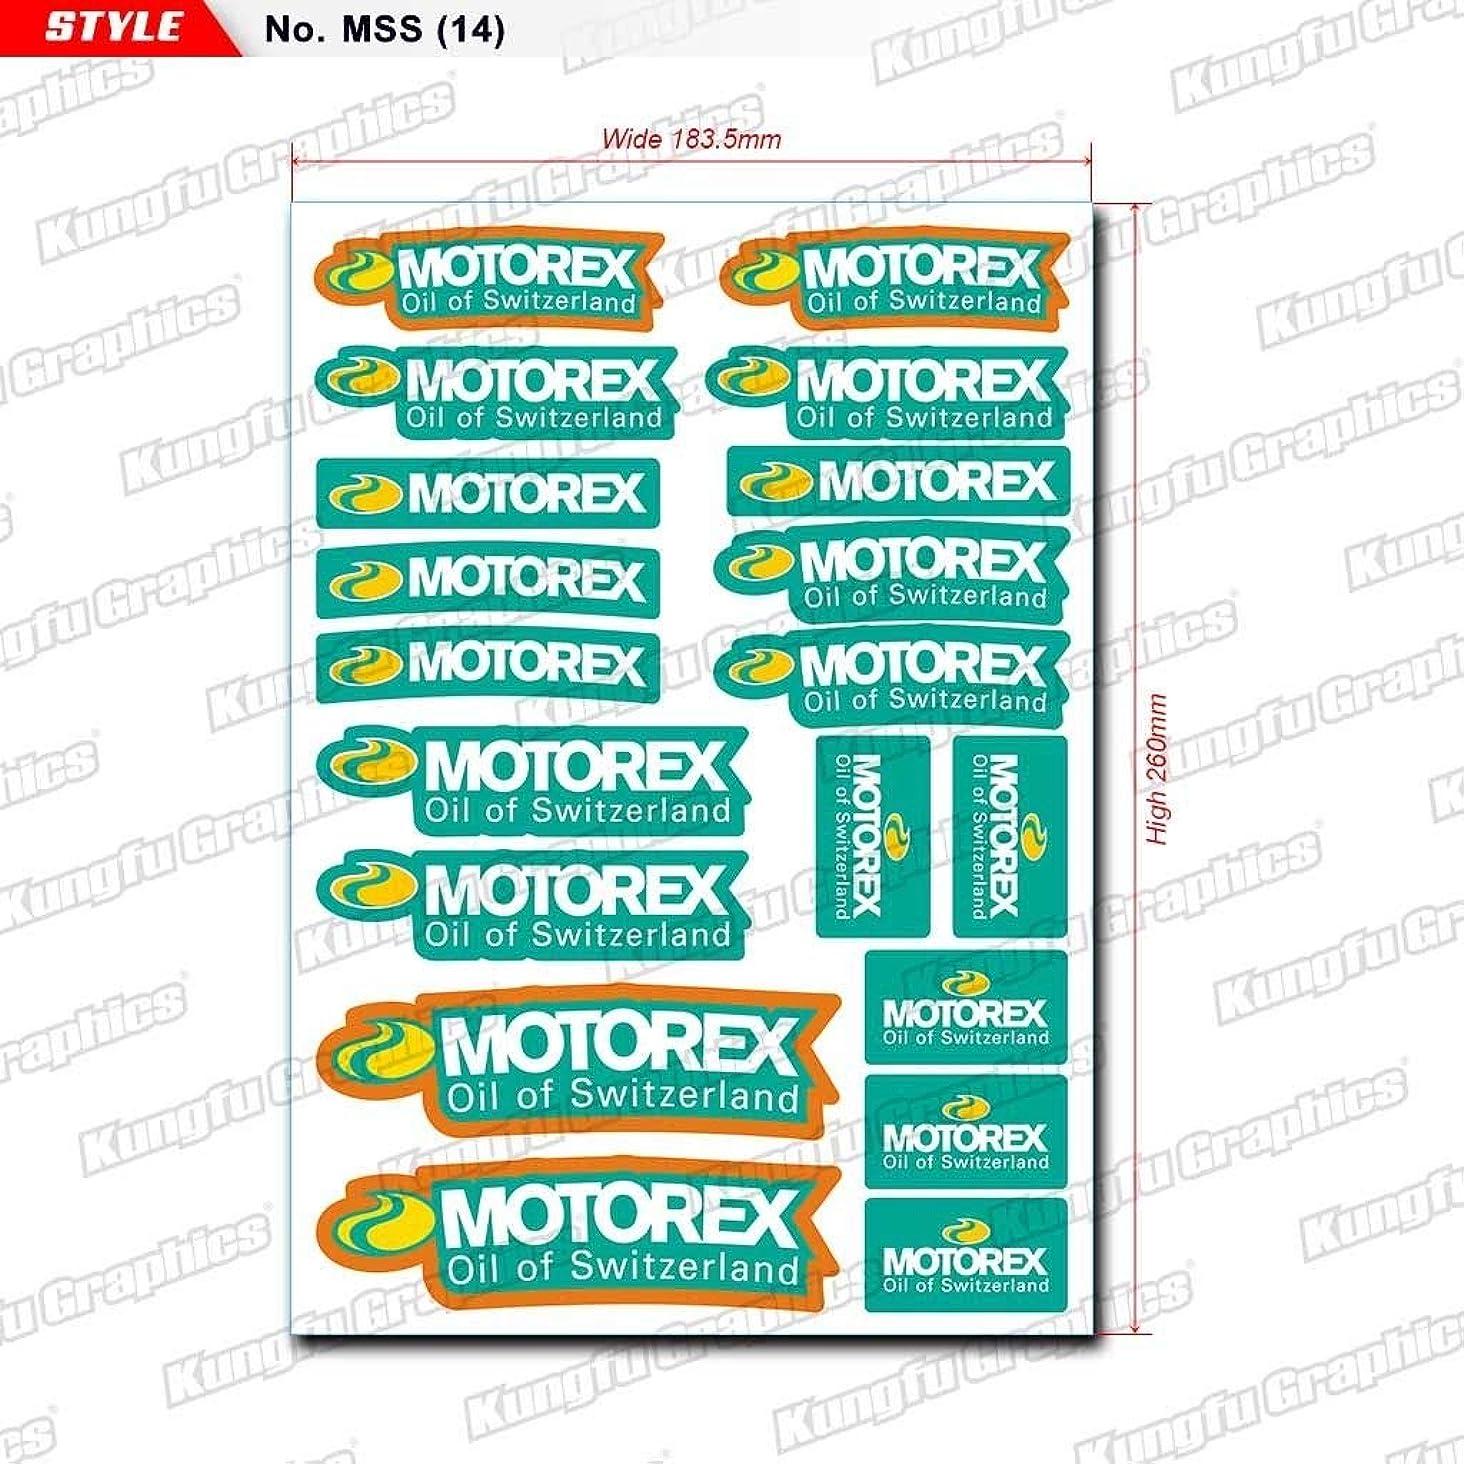 コンセンサスロール憲法KUNGFU GRAPHICS カンフー グラフィックス MOTOREX(モトレックス) レーシングスポンサーロゴ マイクロデカールシート(ホワイト)